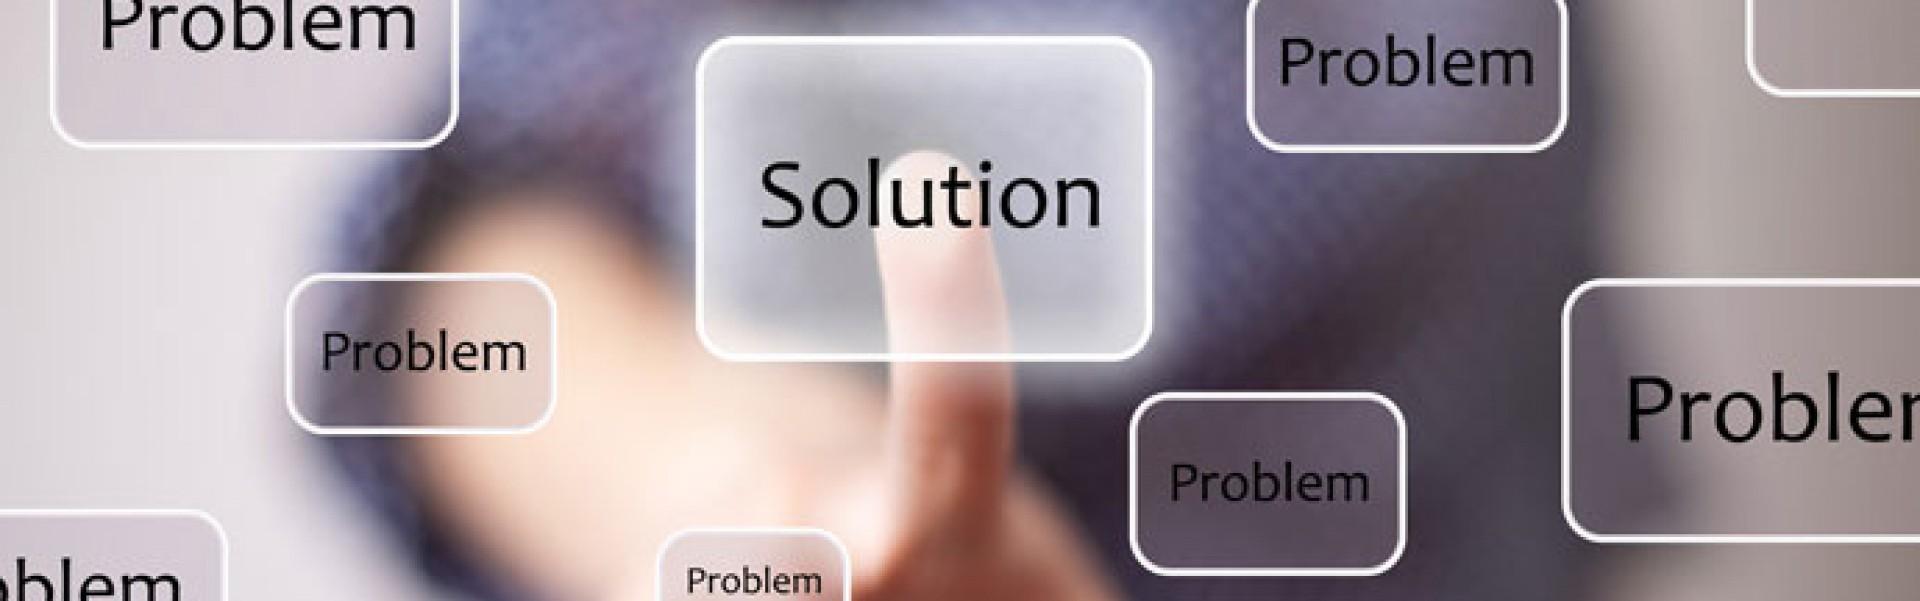 Design solution poster